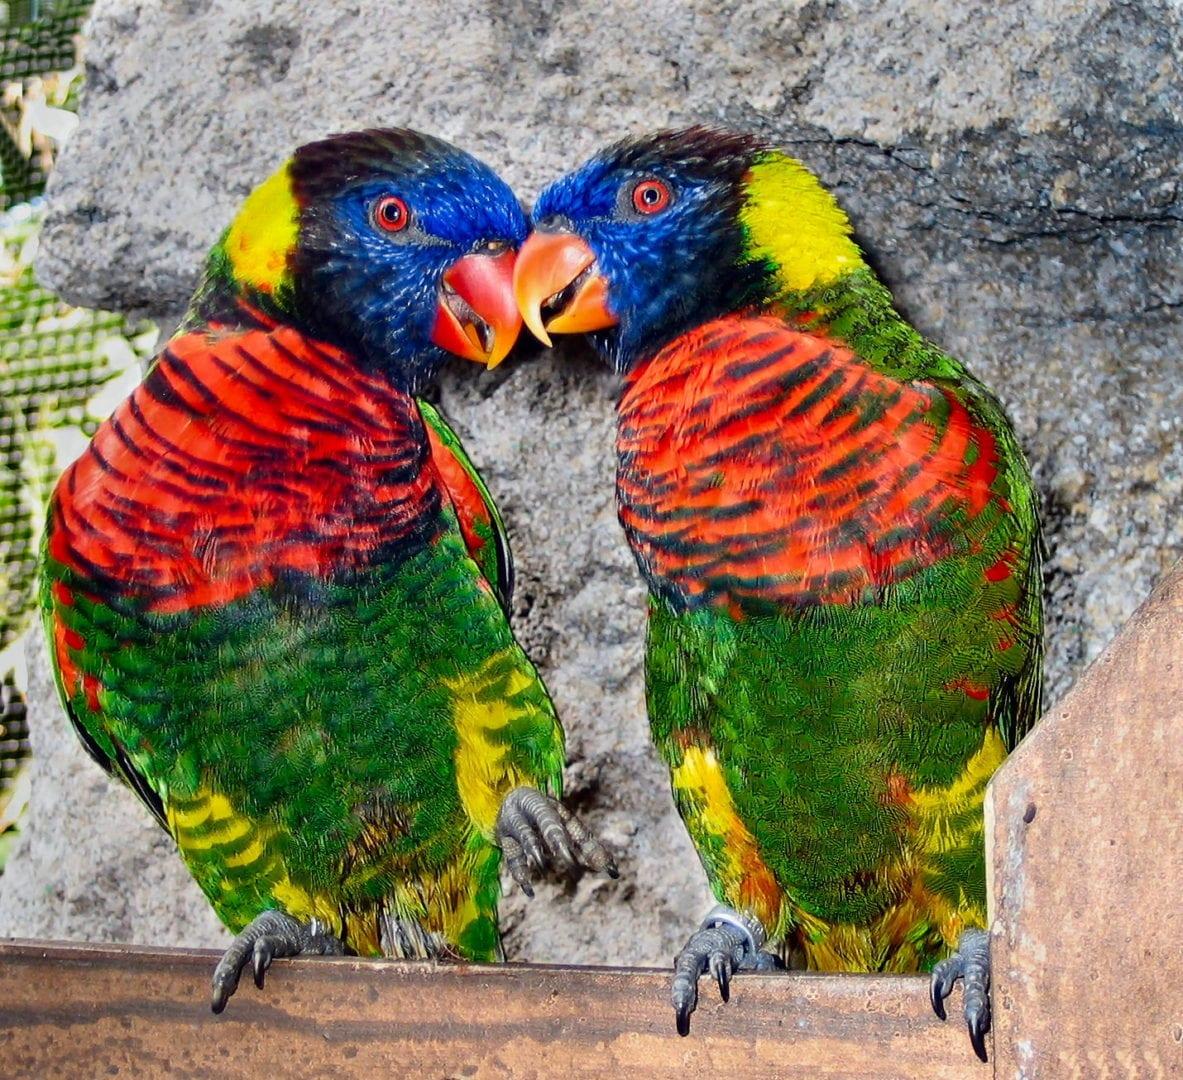 Two Lorikeet birds